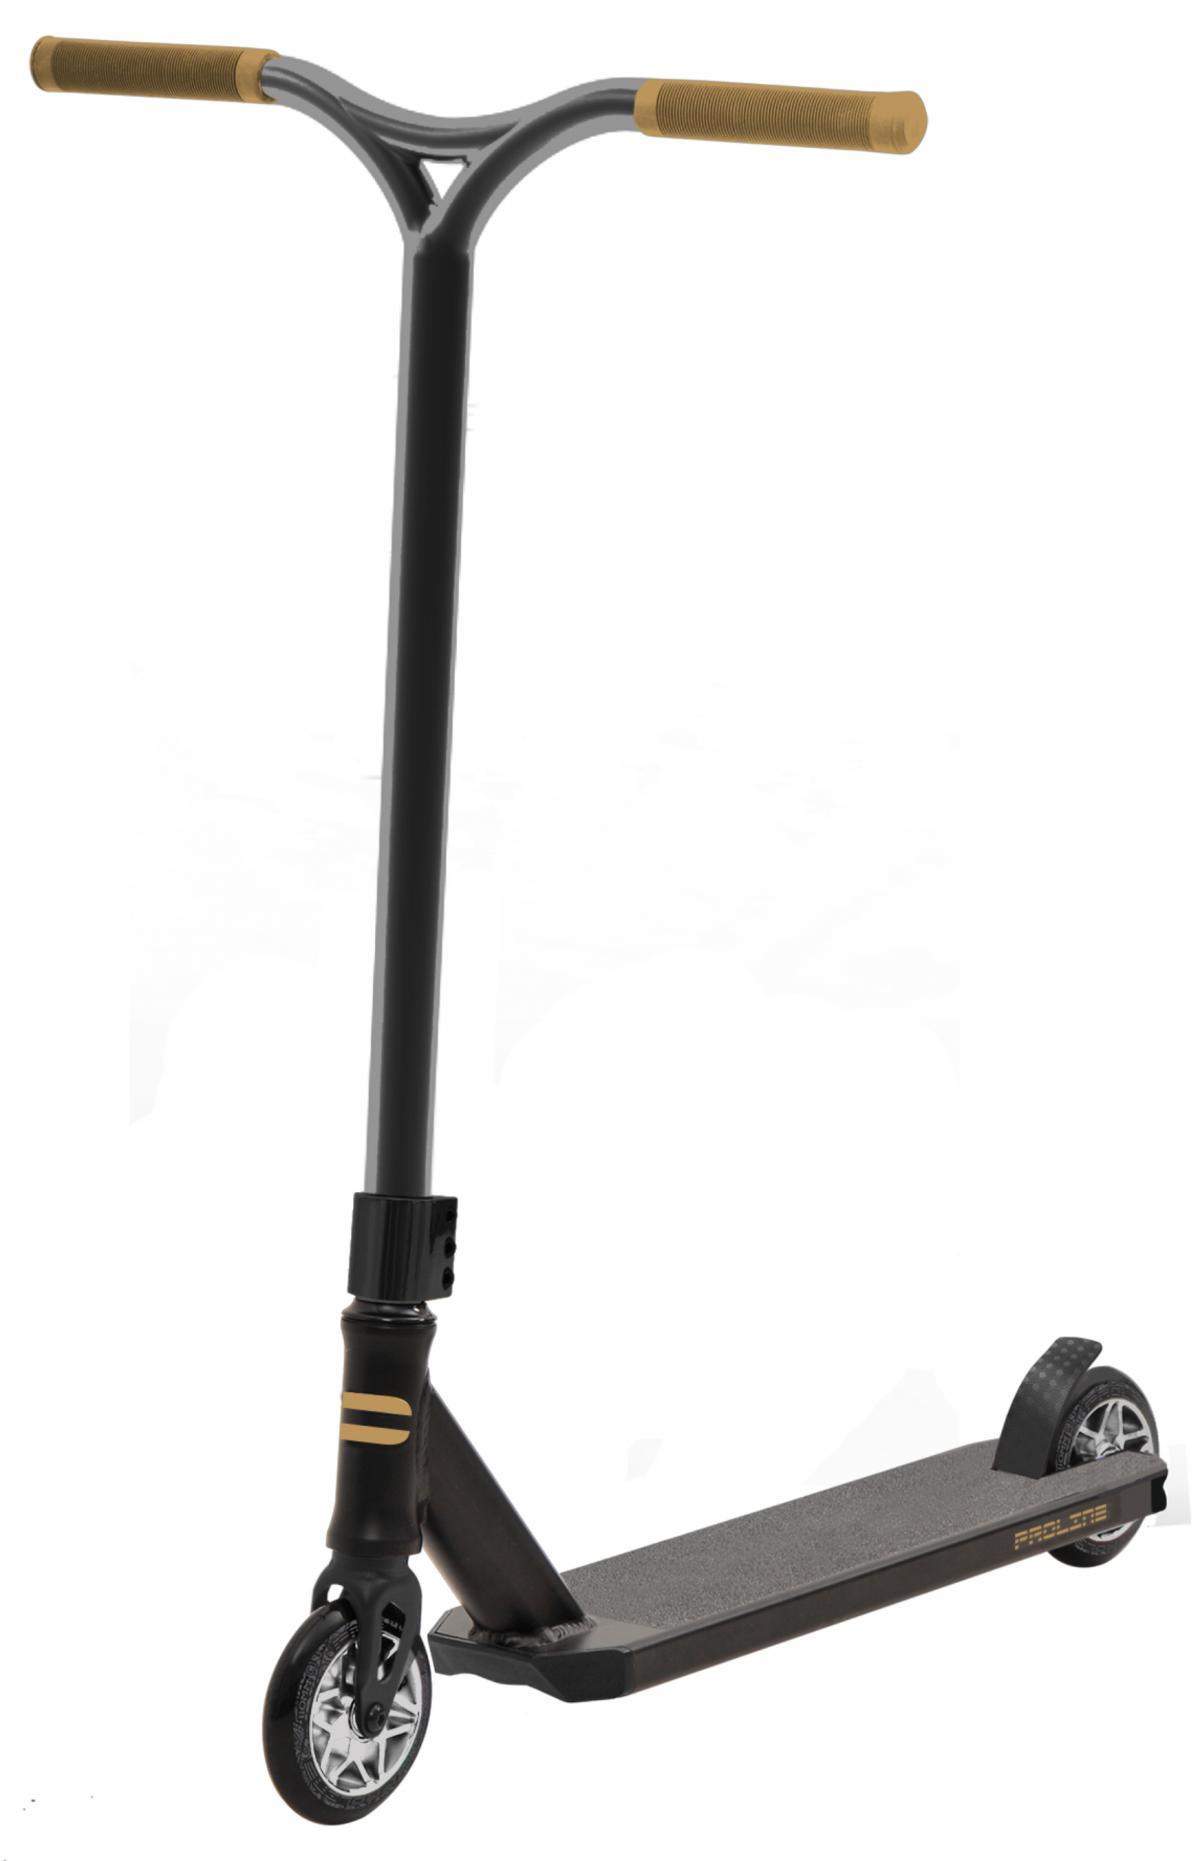 Proline Black Gold L2 Scooter